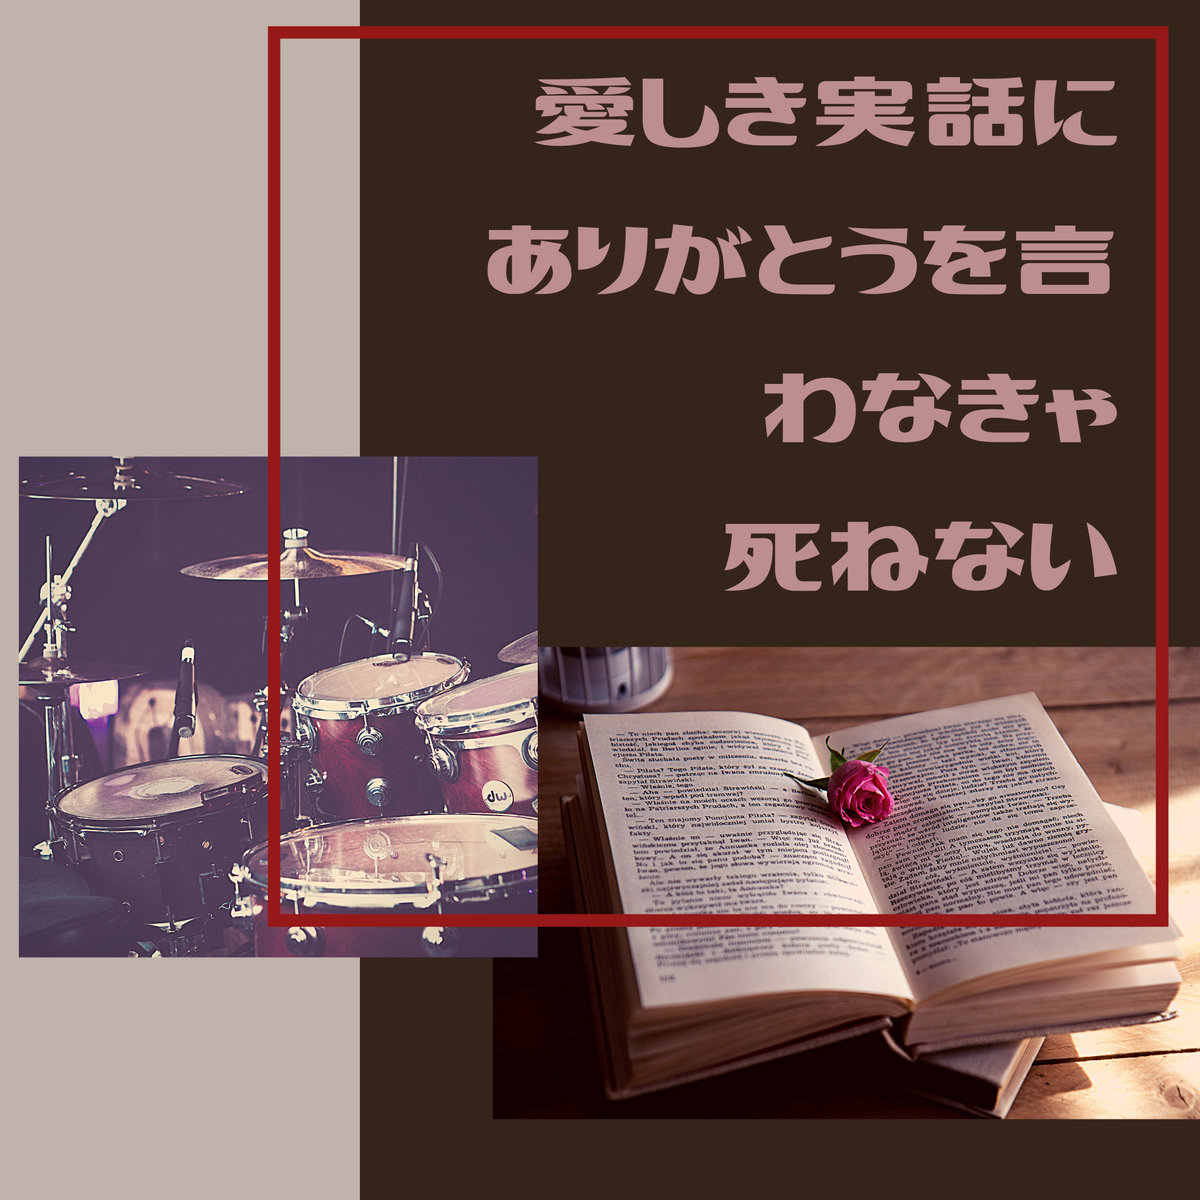 f:id:tsukino25:20190927191920p:plain